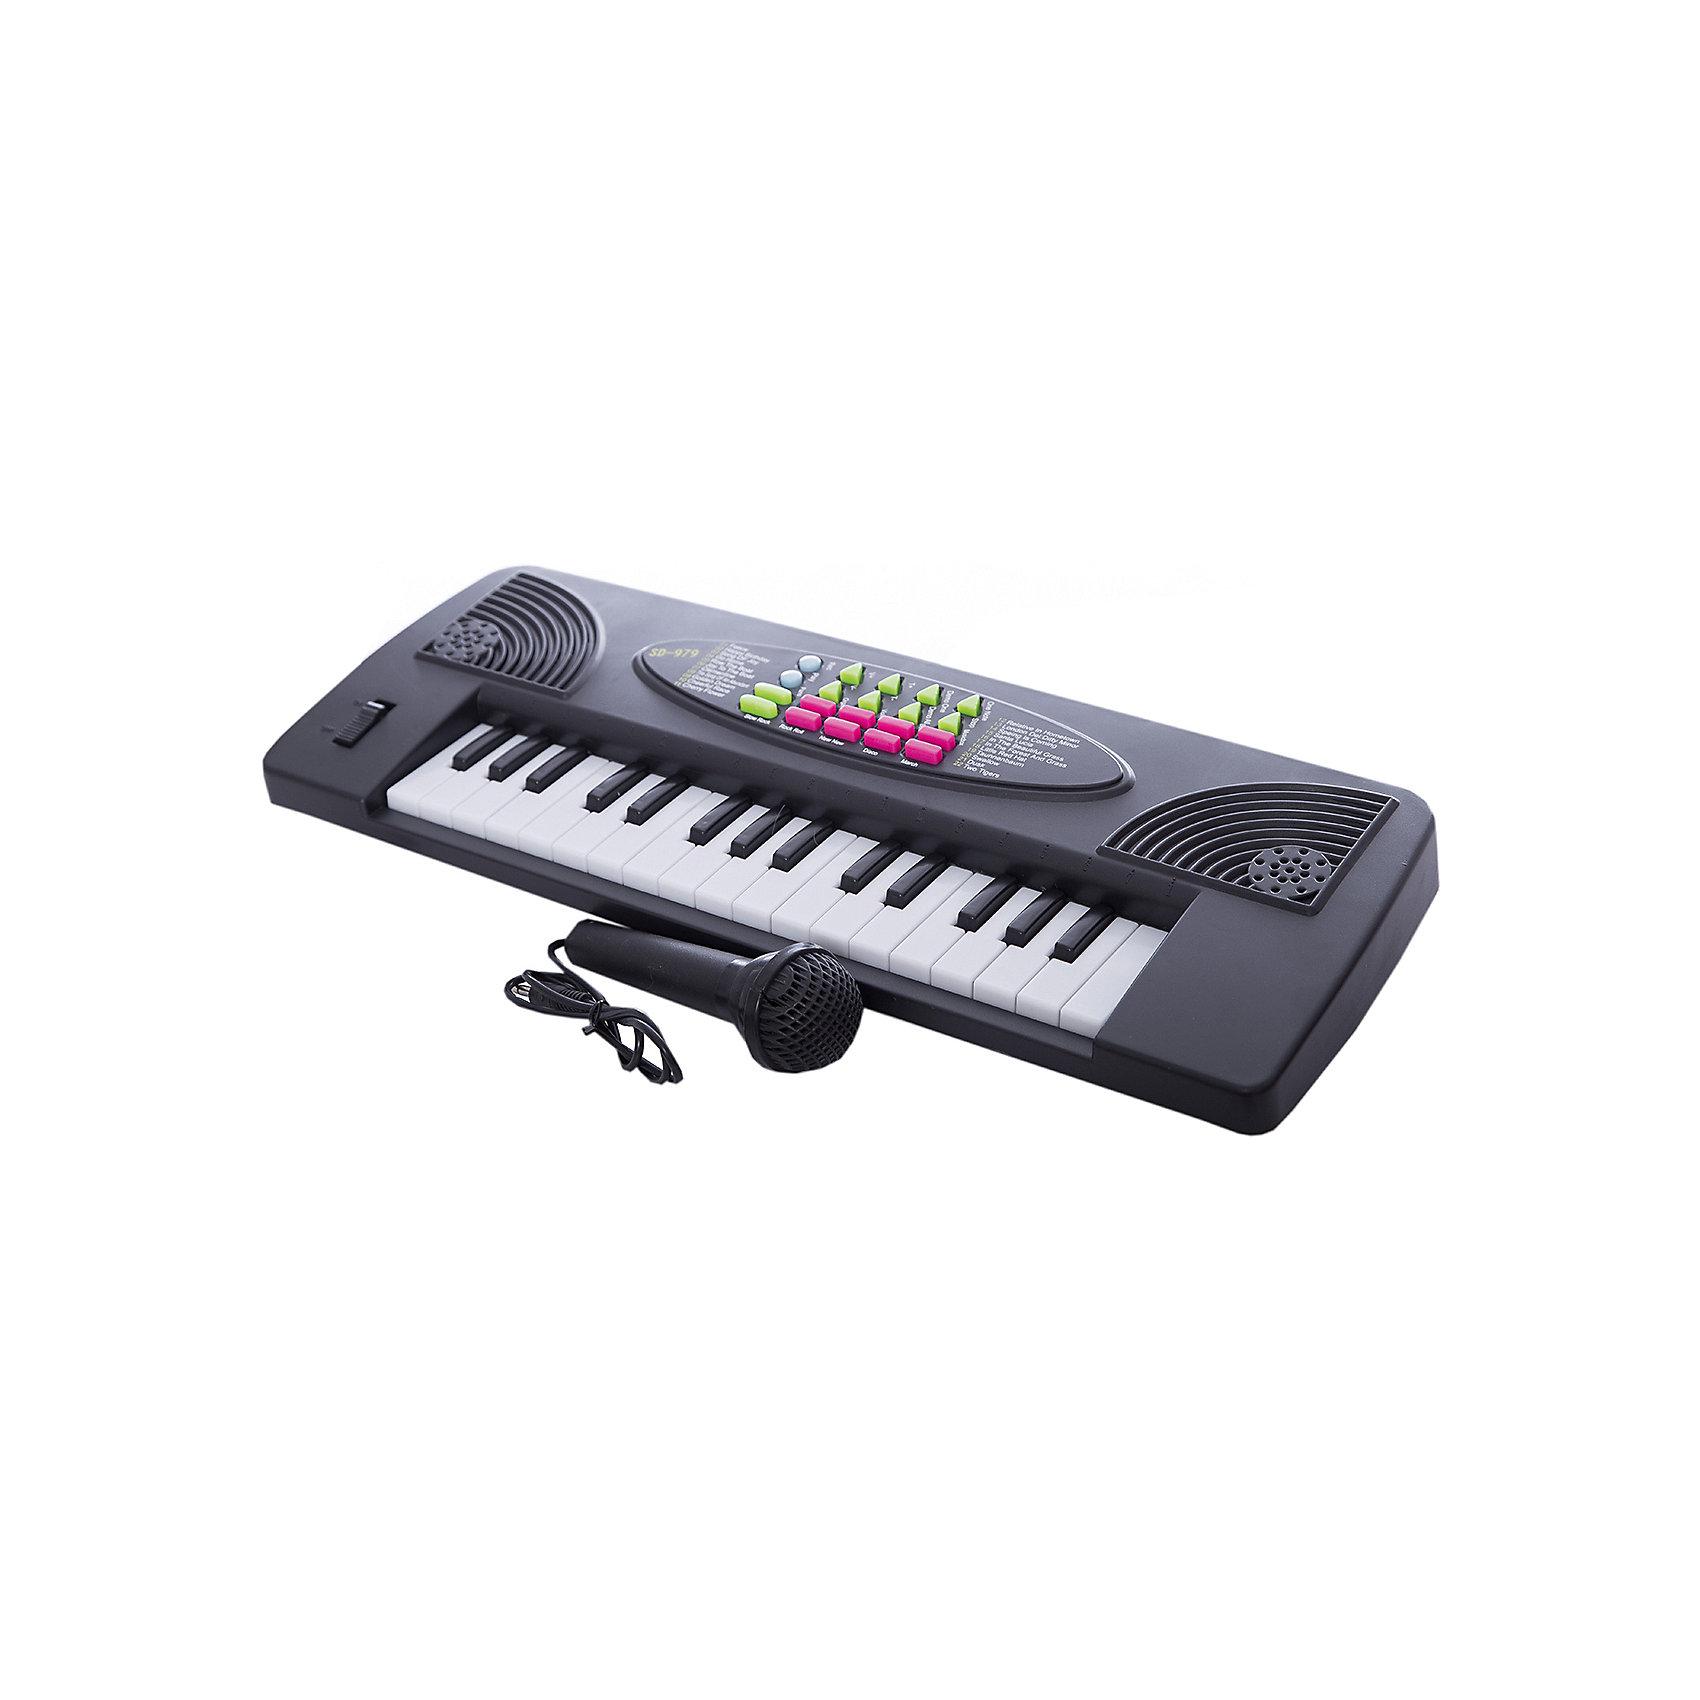 DoReMi Синтезатор с микрофоном, 32 клавишиМузыкальные инструменты и игрушки<br>DoReMi Синтезатор с микрофоном, 32 клавиши - детский электронный синтезатор с микрофоном, оснащённый встроенным звуковым модулем и имеющий многие интересные функции.  <br><br>Особенности модели:<br><br>- 32 электронные клавиши;<br>- 4 звука музыкальных инструментов;<br>- 4 звука электронной барабанной установки;<br>- 4 звука животных;<br>- 4 темпа ритма;<br>- 15 демонстрационных песен;<br>- контроль громкости и темпа;<br>- автоматическое выключение;<br>- запись и воспроизведение;<br>- микрофон.<br><br>Дополнительная информация:<br><br>- Работает от 4 батареек типа АА (не входят в комплект) или DC6V адаптора (входит в комплект).<br>- Размеры: 44,5x5,5x15,5 см.<br>- Вес: 600 г.<br>- Цвет: черный.<br><br>Ширина мм: 445<br>Глубина мм: 55<br>Высота мм: 155<br>Вес г: 510<br>Возраст от месяцев: 60<br>Возраст до месяцев: 1188<br>Пол: Унисекс<br>Возраст: Детский<br>SKU: 2557195